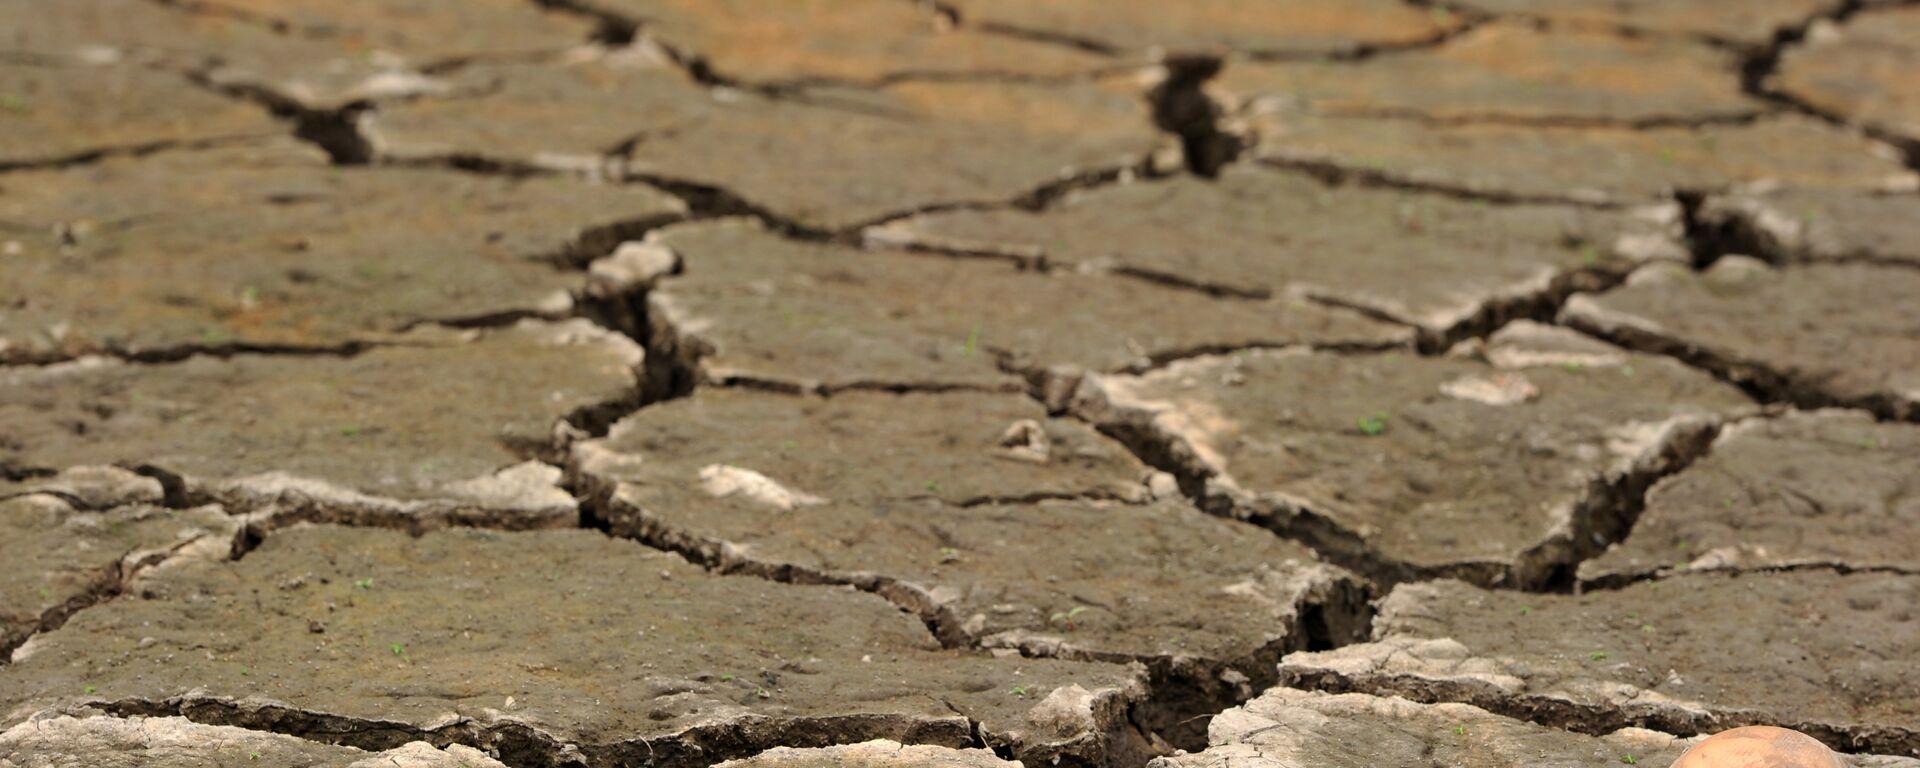 Sequía en Honduras como consecuencia de El Niño - Sputnik Mundo, 1920, 03.08.2021